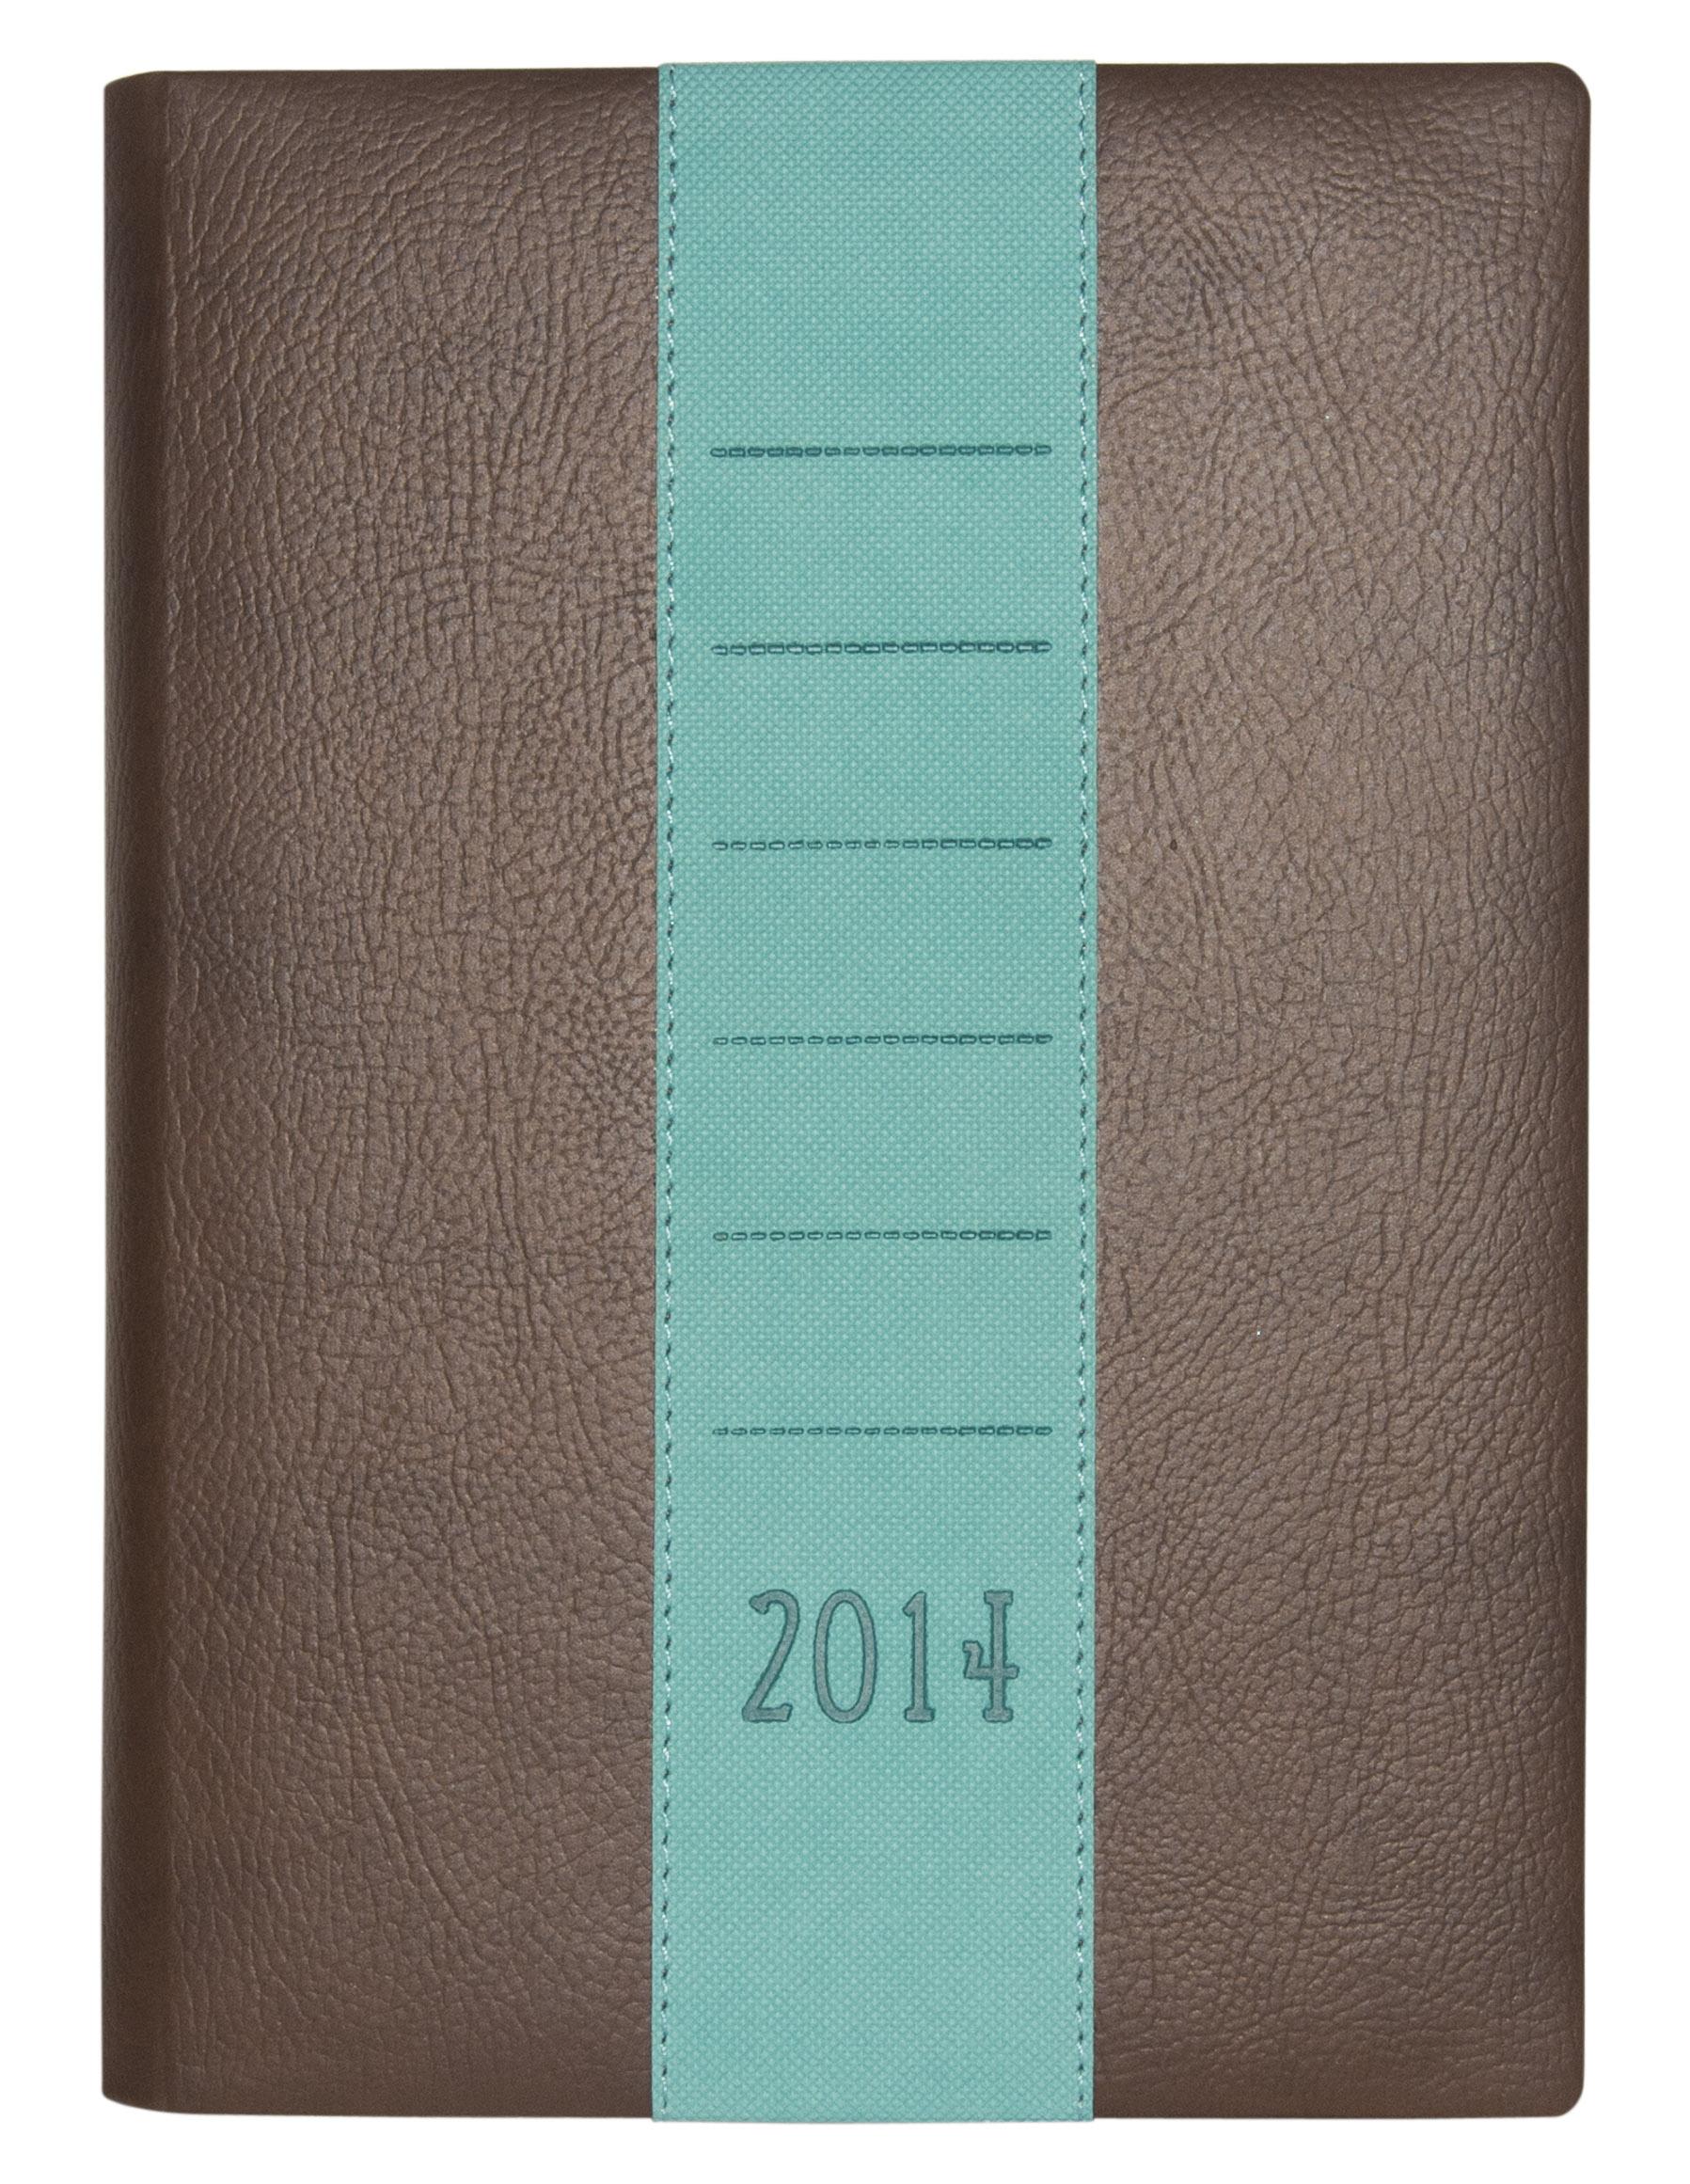 Agenda 2014 - Verde y Cafe